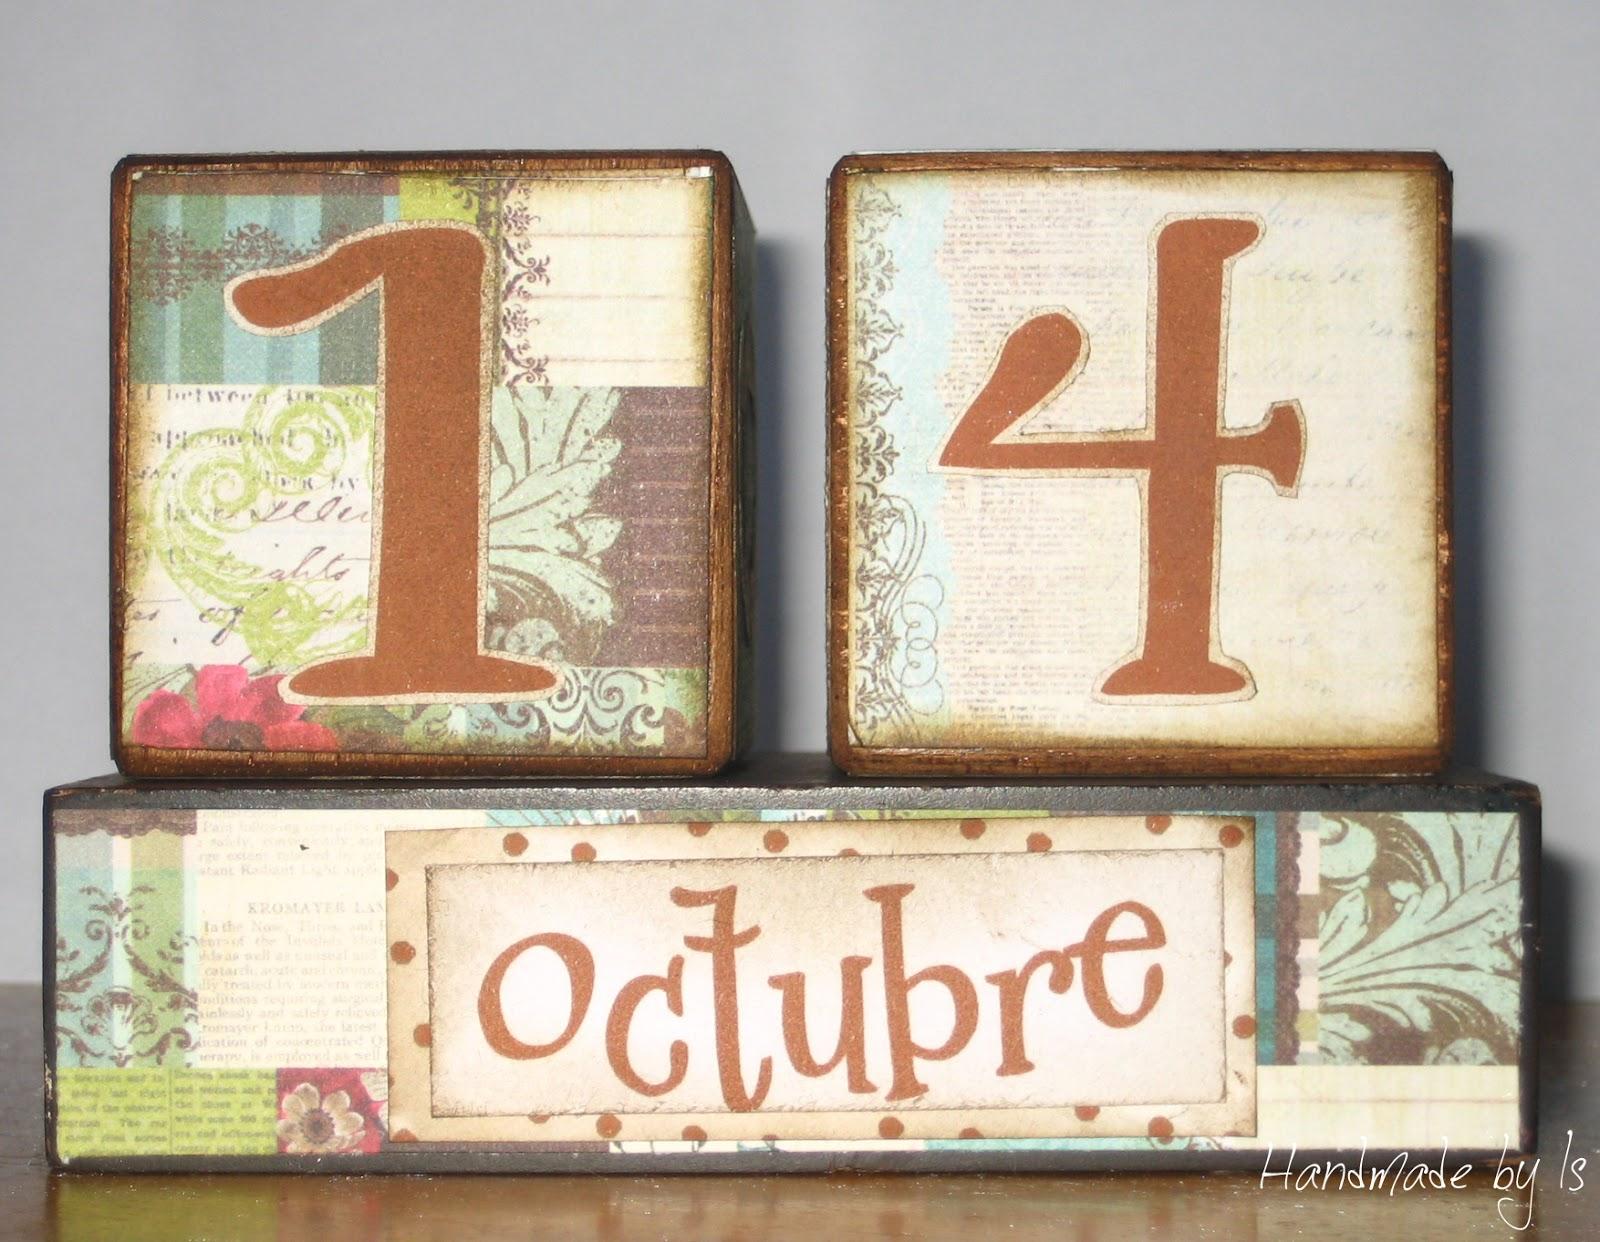 Calendar Wooden Blocks : Handmadebyis calendario con bloques de madera